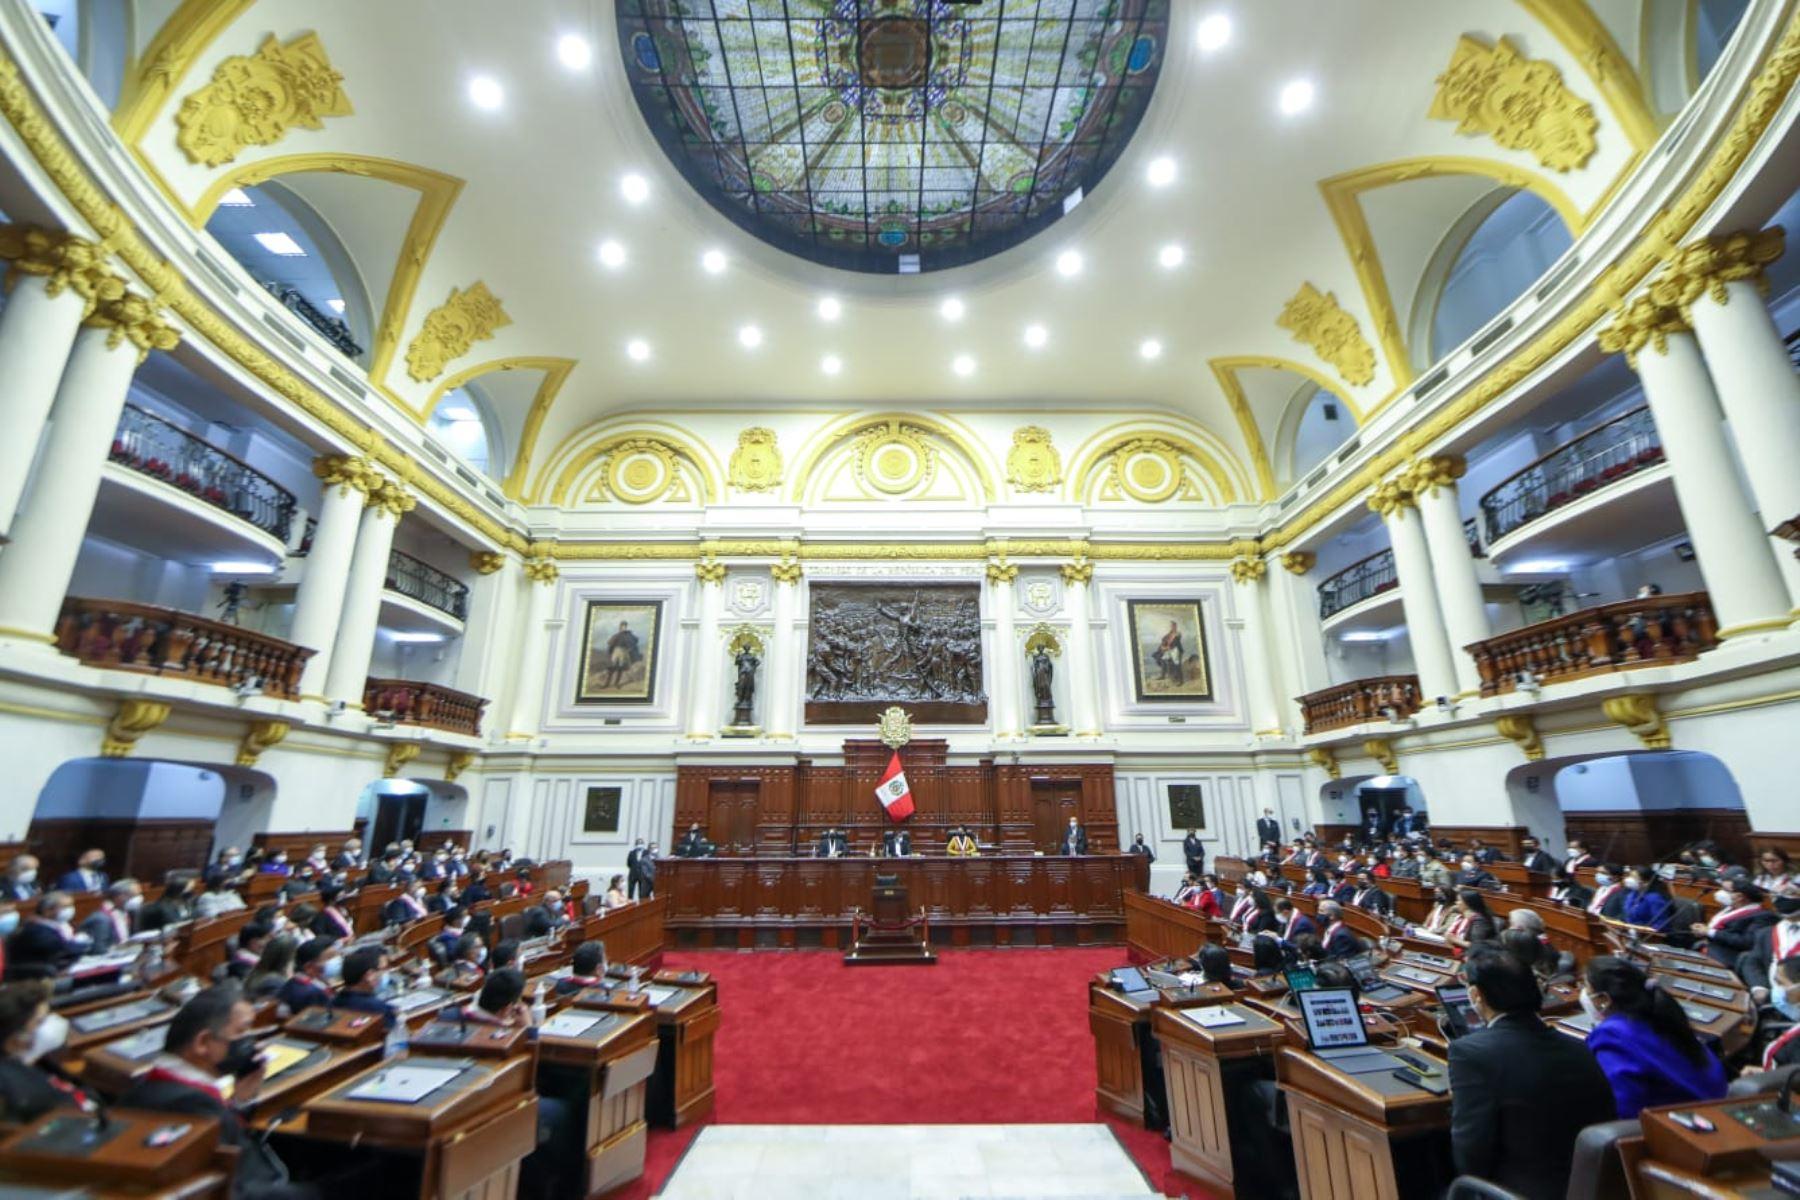 Los integrantes de la Mesa Directiva de la Junta Preparatoria acordó, por mayoría, no admitir la participación de la lista 3 en el proceso de elección de la Mesa Directiva para el periodo anual de sesiones 2021 - 2022.